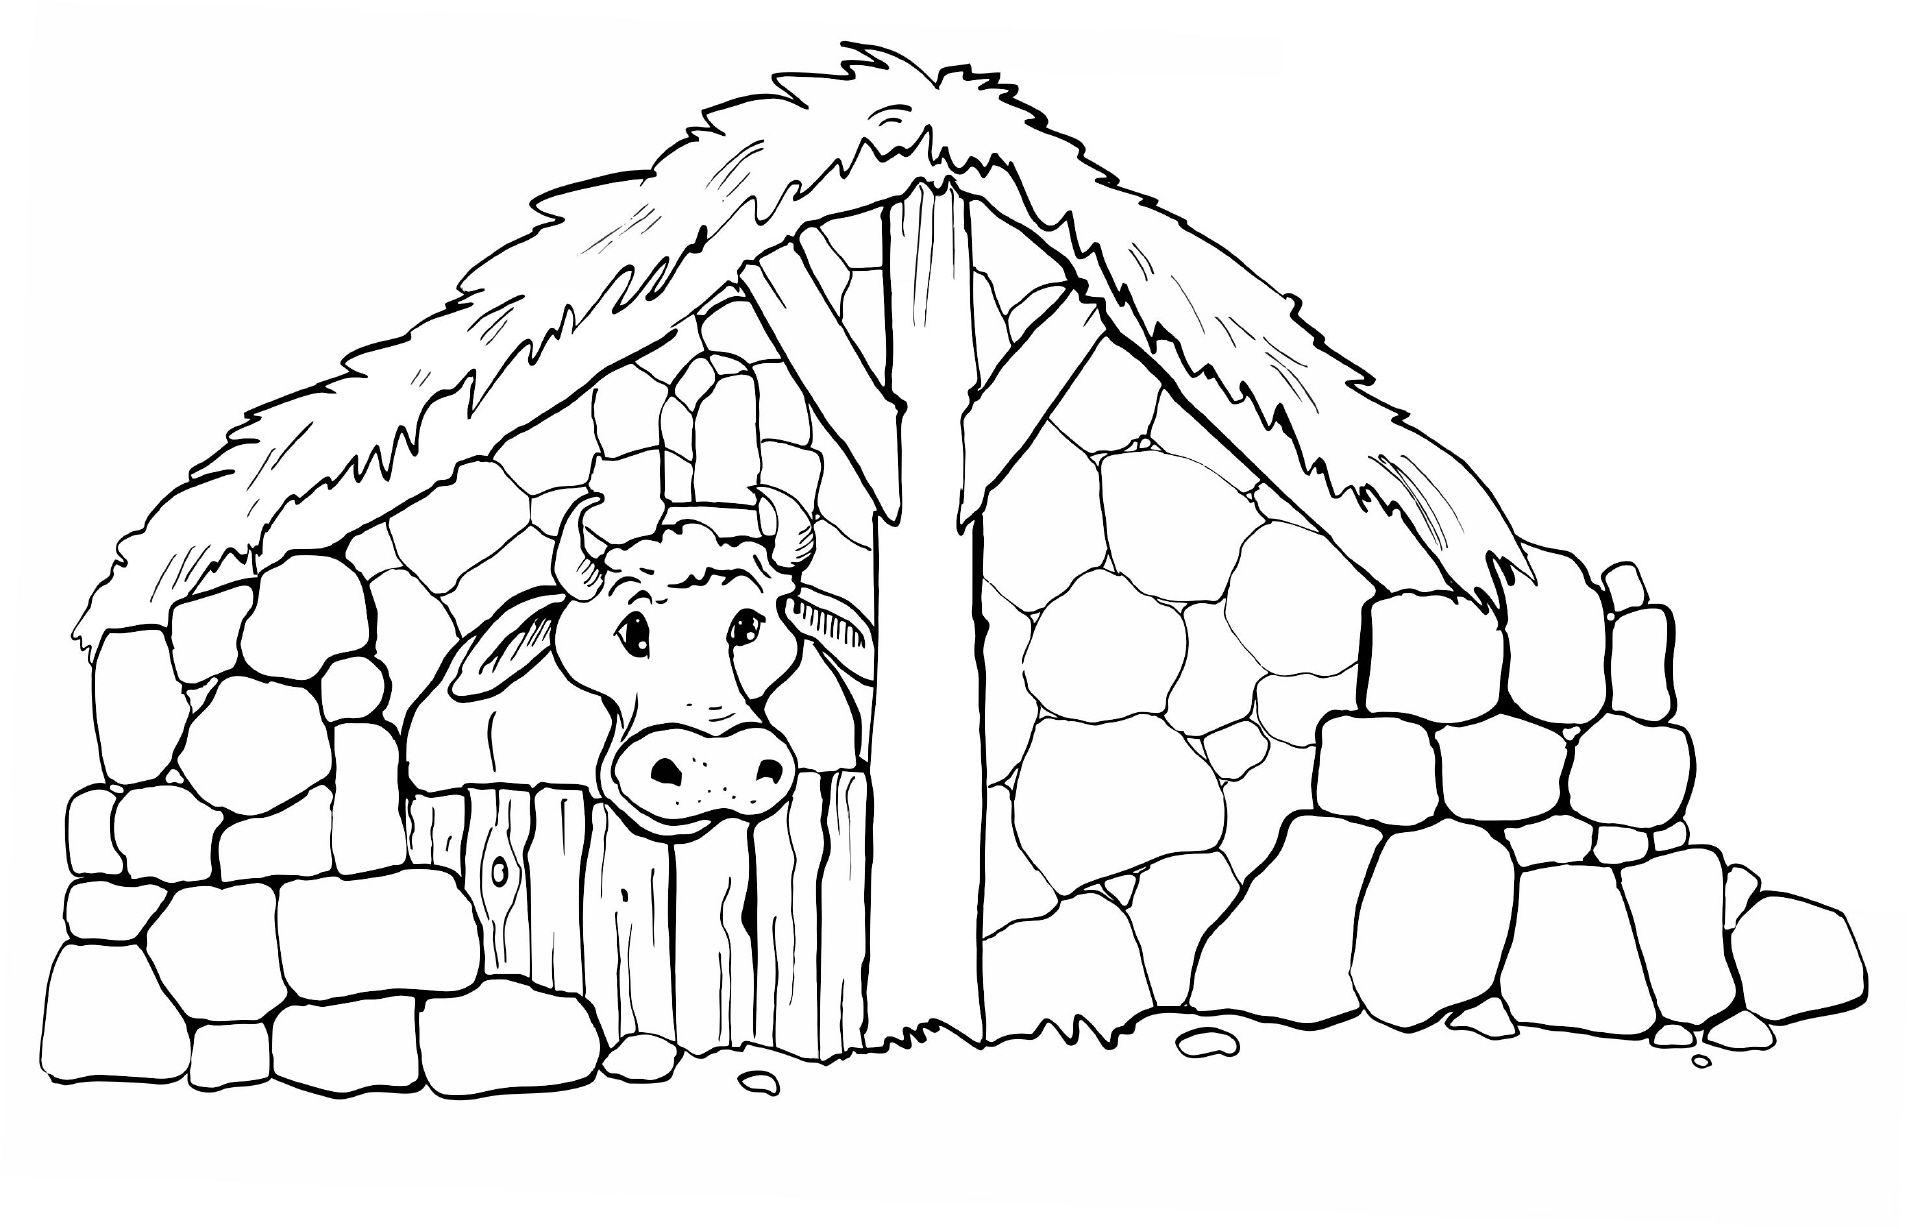 Stall Mit Kuh Ausmalbilder Biblisch Ausmalbilder Ausmalen Und Kuh